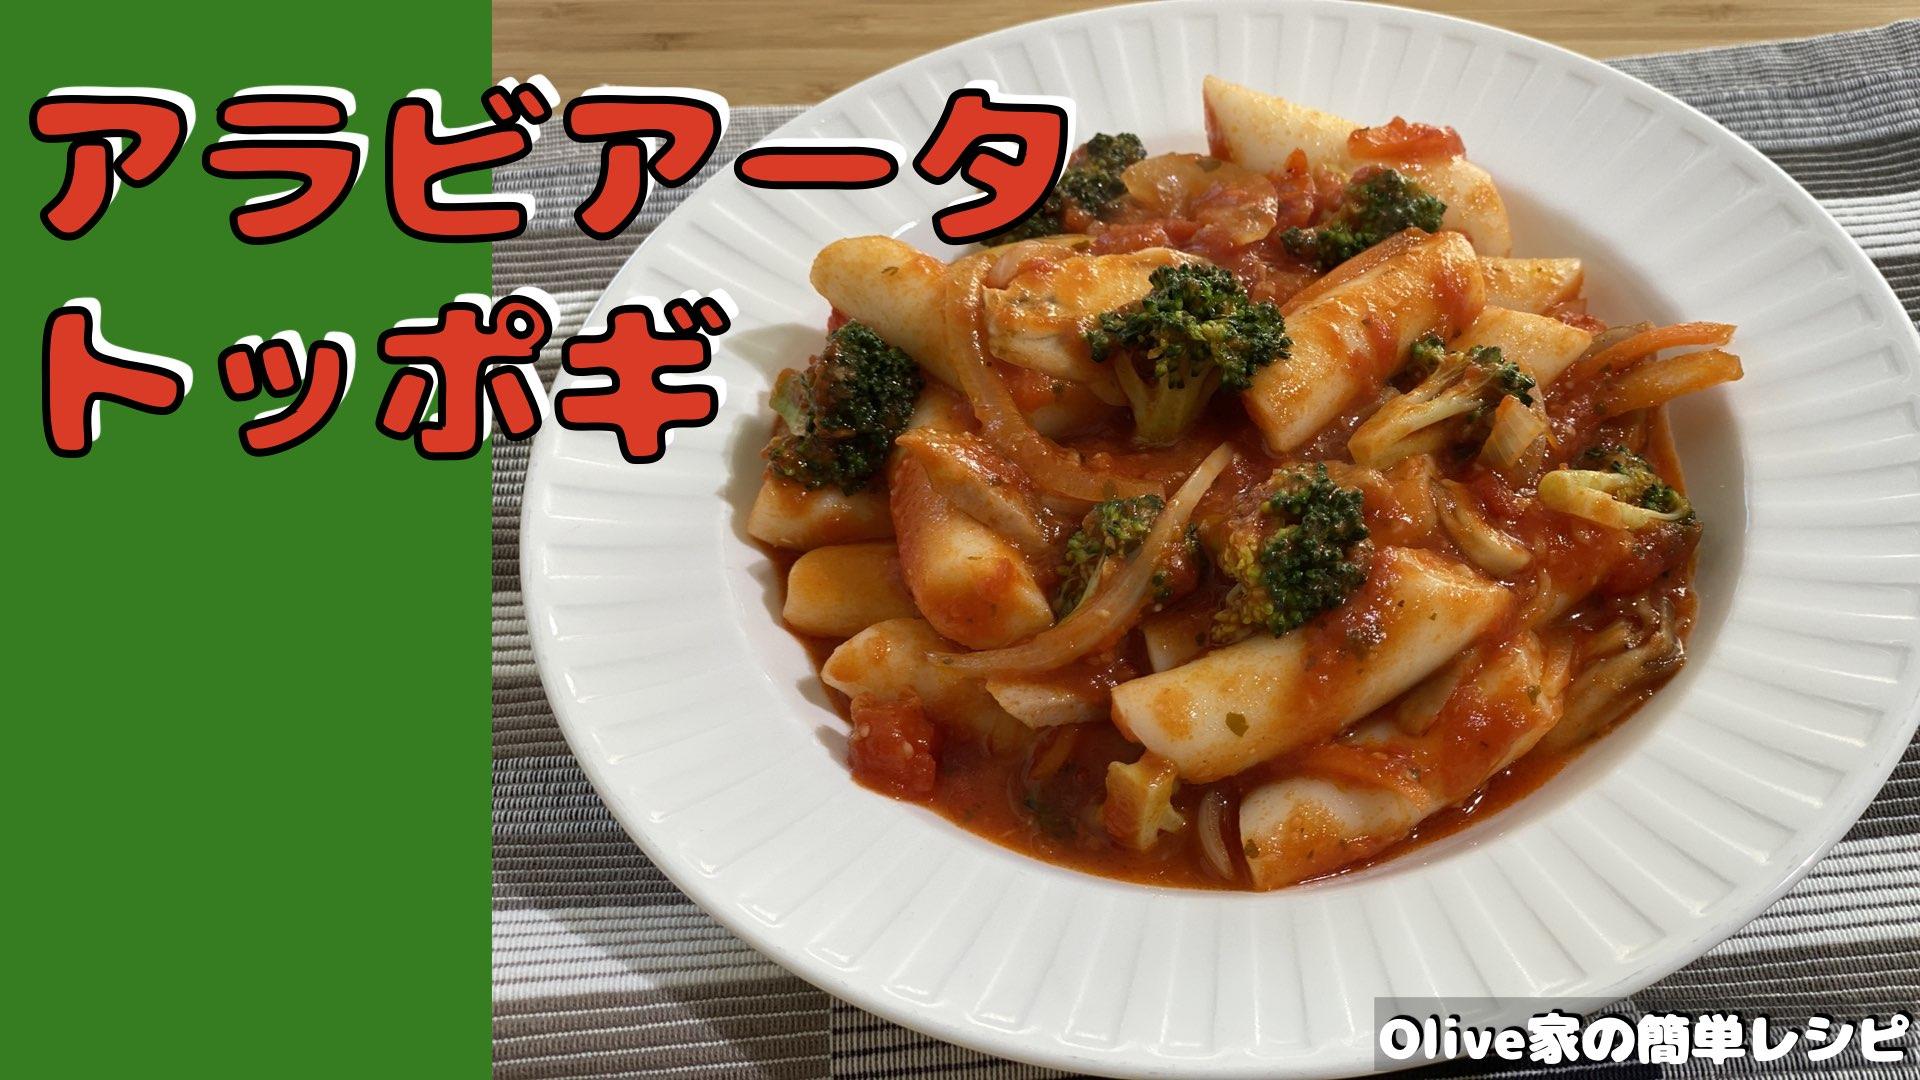 Olive家の簡単レシピ   ピリ辛🌶 アラビアータ トッポギ   パスタ トッポギ